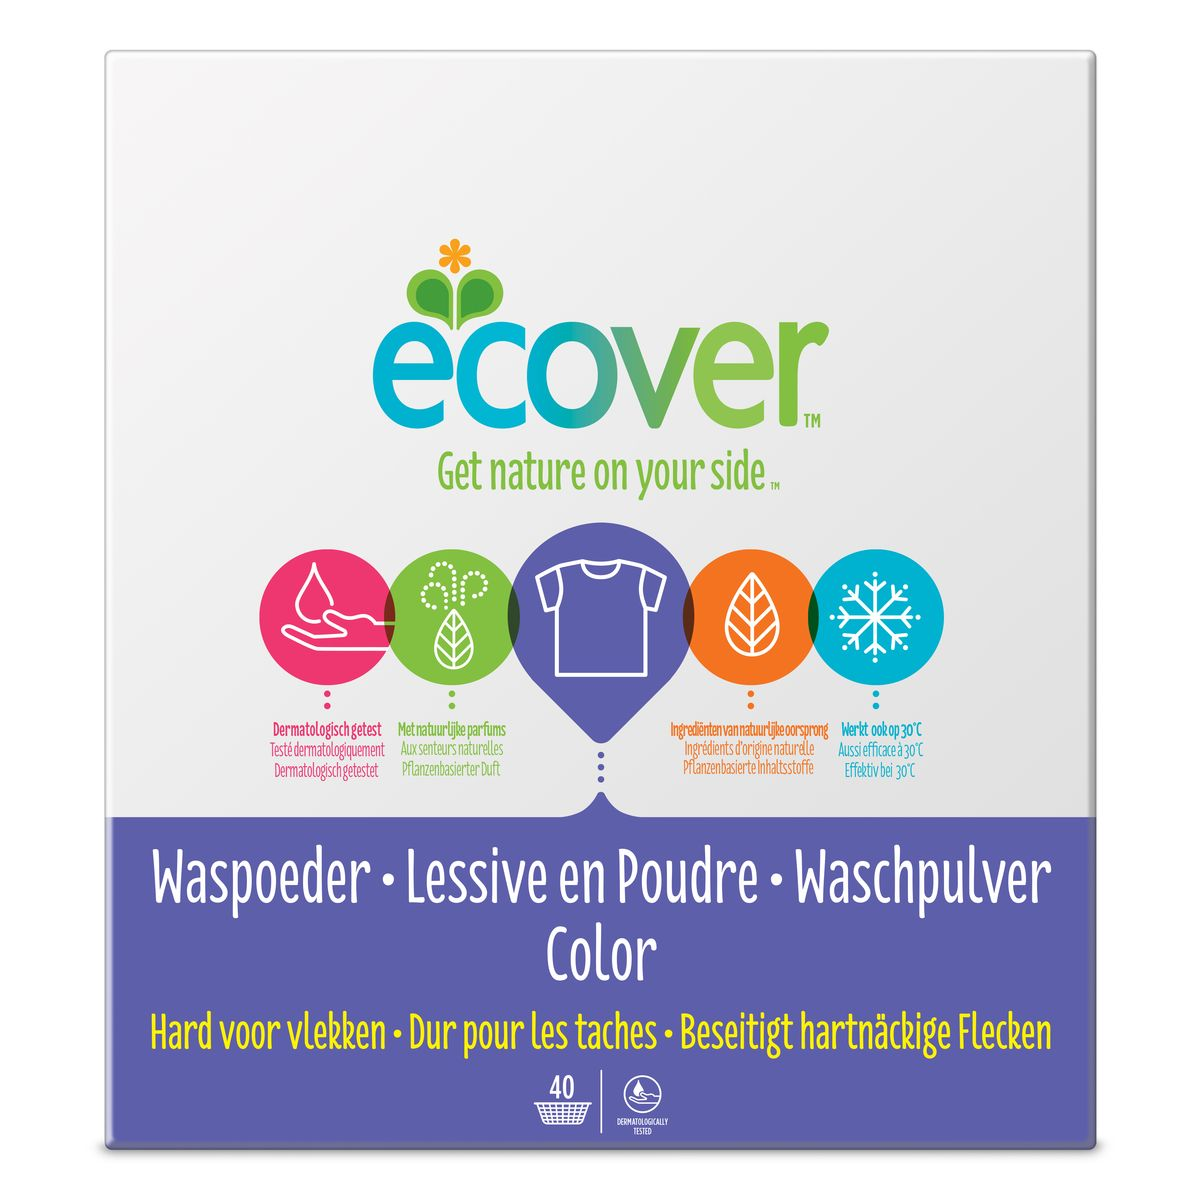 Экологический стиральный порошок Ecover, концентрат, для цветного белья, 3 кг40023Очень эффективный стиральный порошок-концентрат Ecover предназначен для стирки цветного белья. Подходит к использованию для детей от 2-х лет и взрослых. Порошок создан на основе растительных ПАВ. Улучшенная формула содержит небольшое количество бережного кислородного отбеливателя для удаления таких загрязнений как пятна от вина, фруктов, травы и т.д. Прекрасно выполаскивается. Новая формула средства позволяет использовать меньше порошка и обеспечивает на 25% больше стирок! При машинной стирке не требуется добавление средств для смягчения воды и предотвращения образования накипи (типа Calgon). Обладает легким натуральным ароматом. Не содержит фосфатов и синтетических ароматизаторов. Содержит энзимы (не ГМО) и натуральный кислородный отбеливатель. Подходит для использования в домах с автономной канализацией. Не наносит вреда любым видам септиков! Характеристики:Состав: 15-30% анионные био-ПАВ цеолиты, 5-15% неионные ПАВ, силикат натрия, карбонат натрия, бикарбонат натрия, полипептидное мыло, карбоксиметил целлюлозы, отдушка, сульфат натрия, цитрат натрия, энзимы, этилендиамин диссуцинат. Объем: 3 кг. Товар сертифицирован.